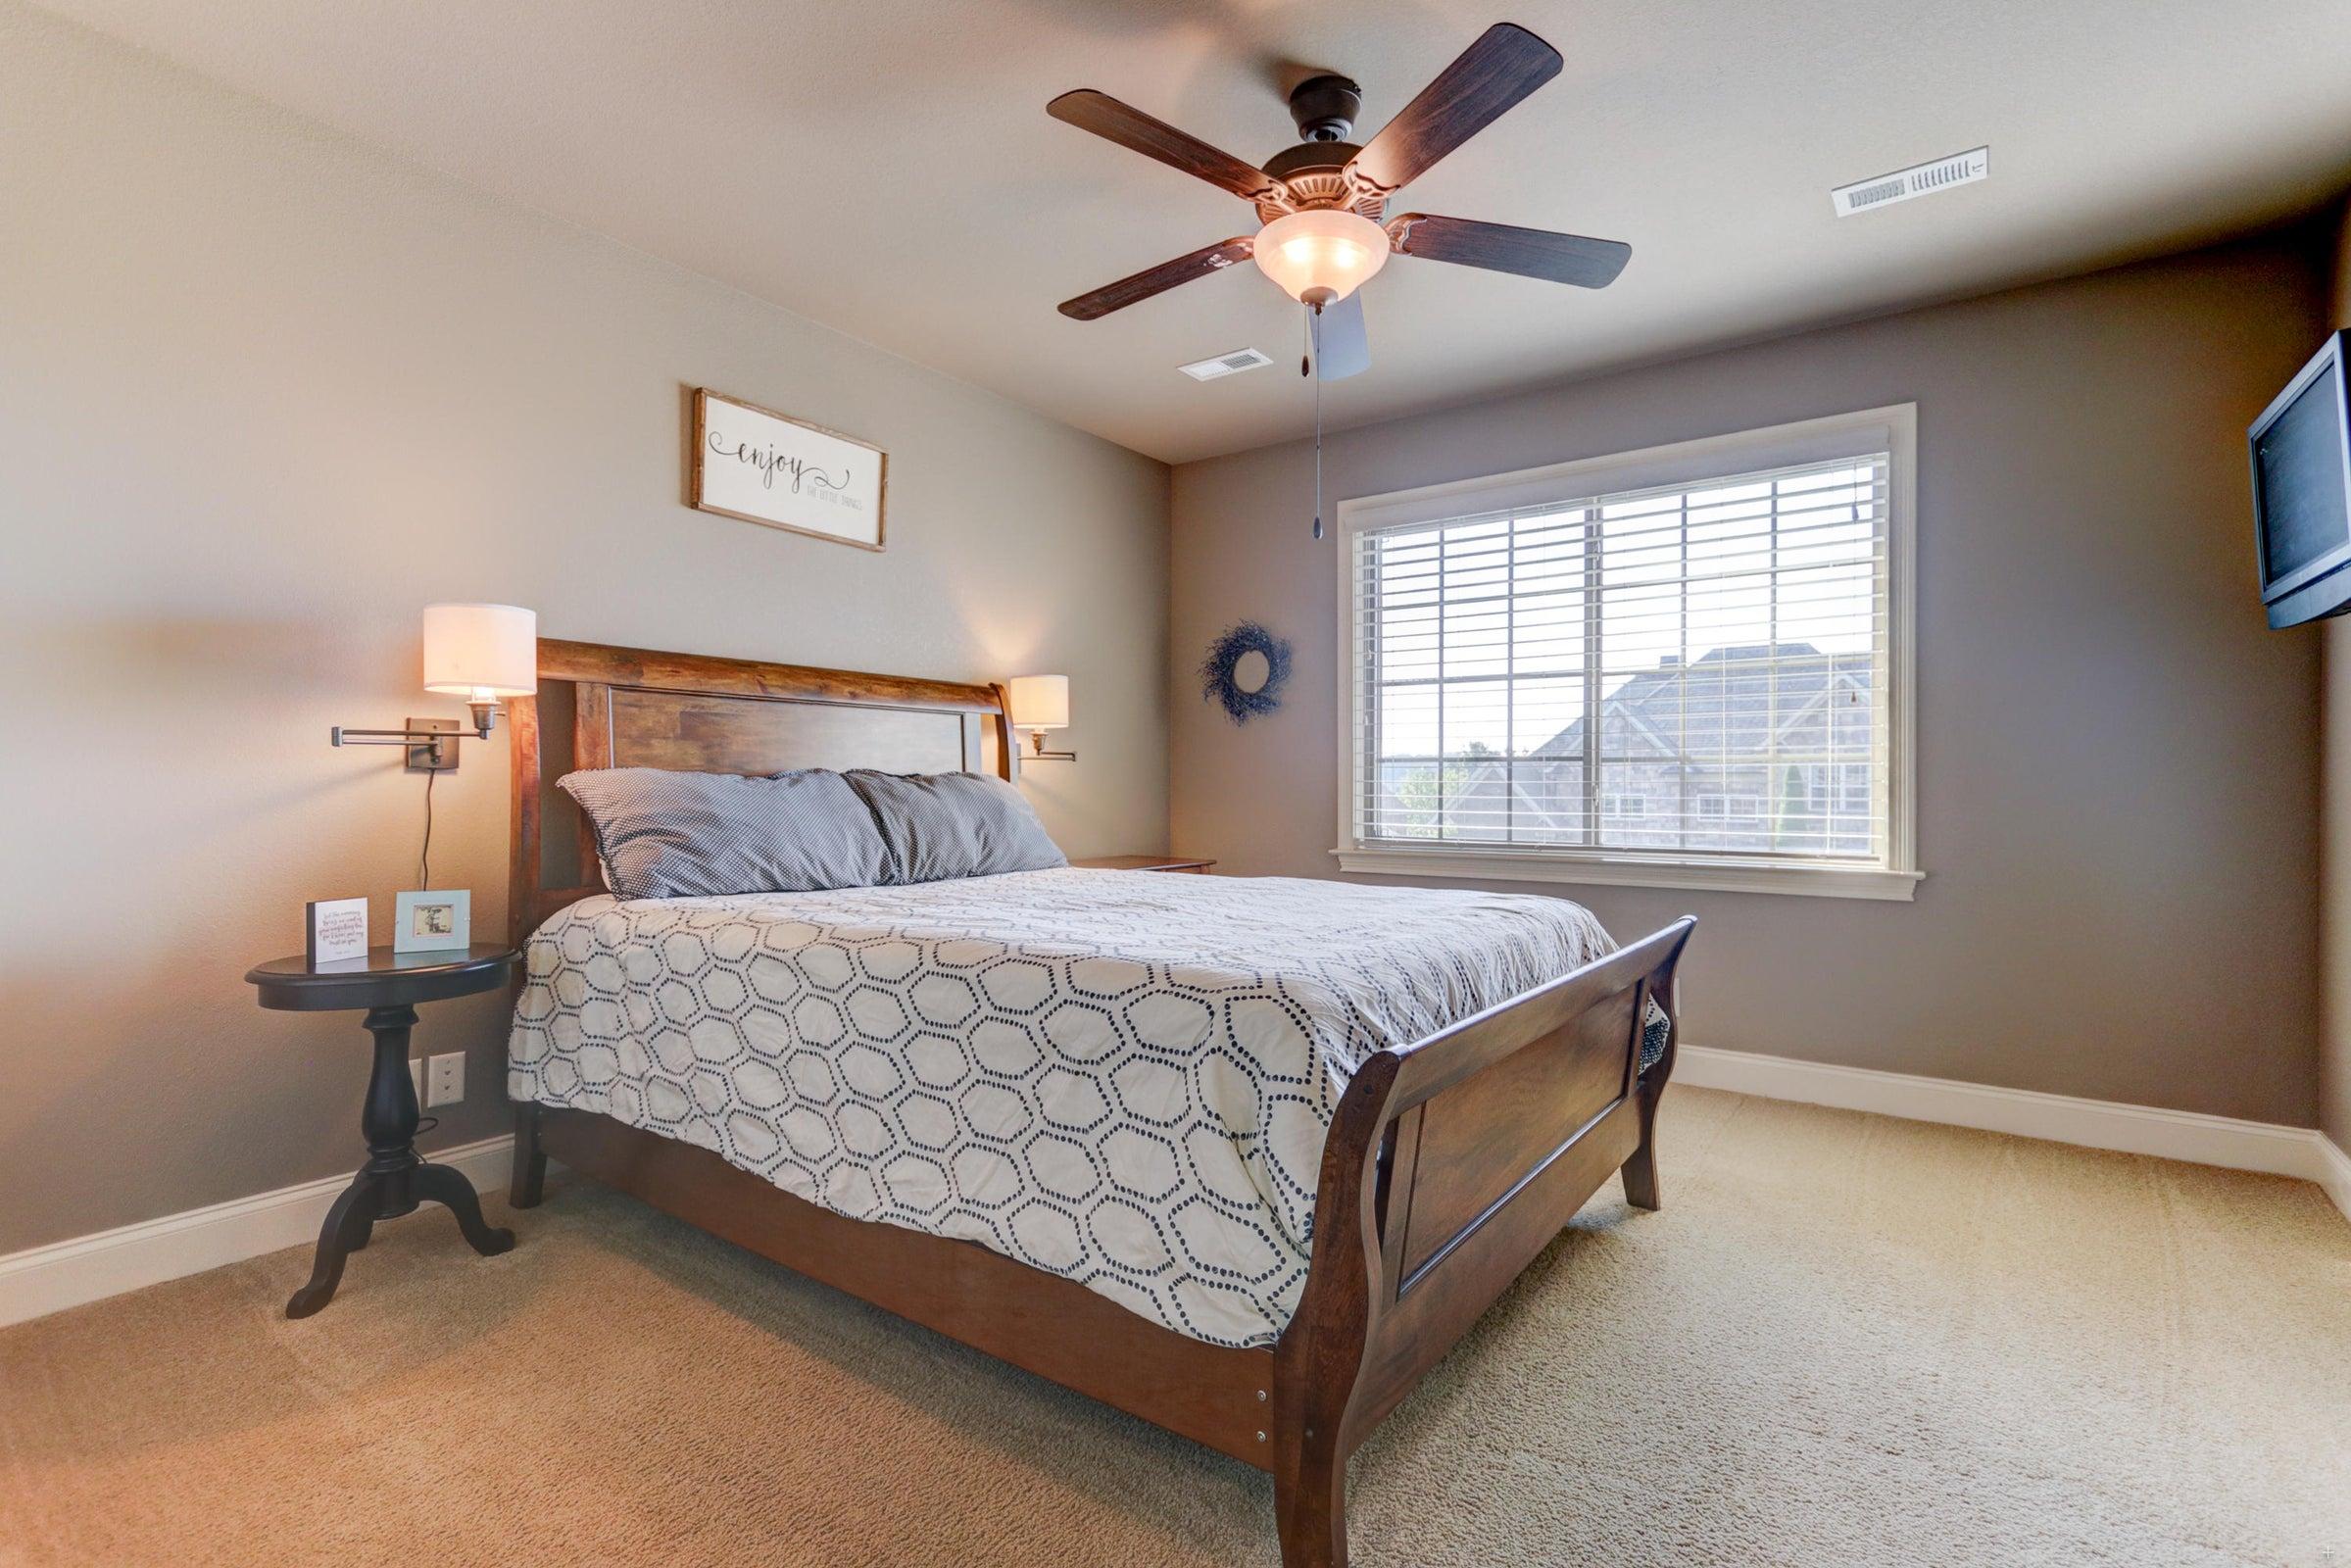 Bedroom 2 - Up